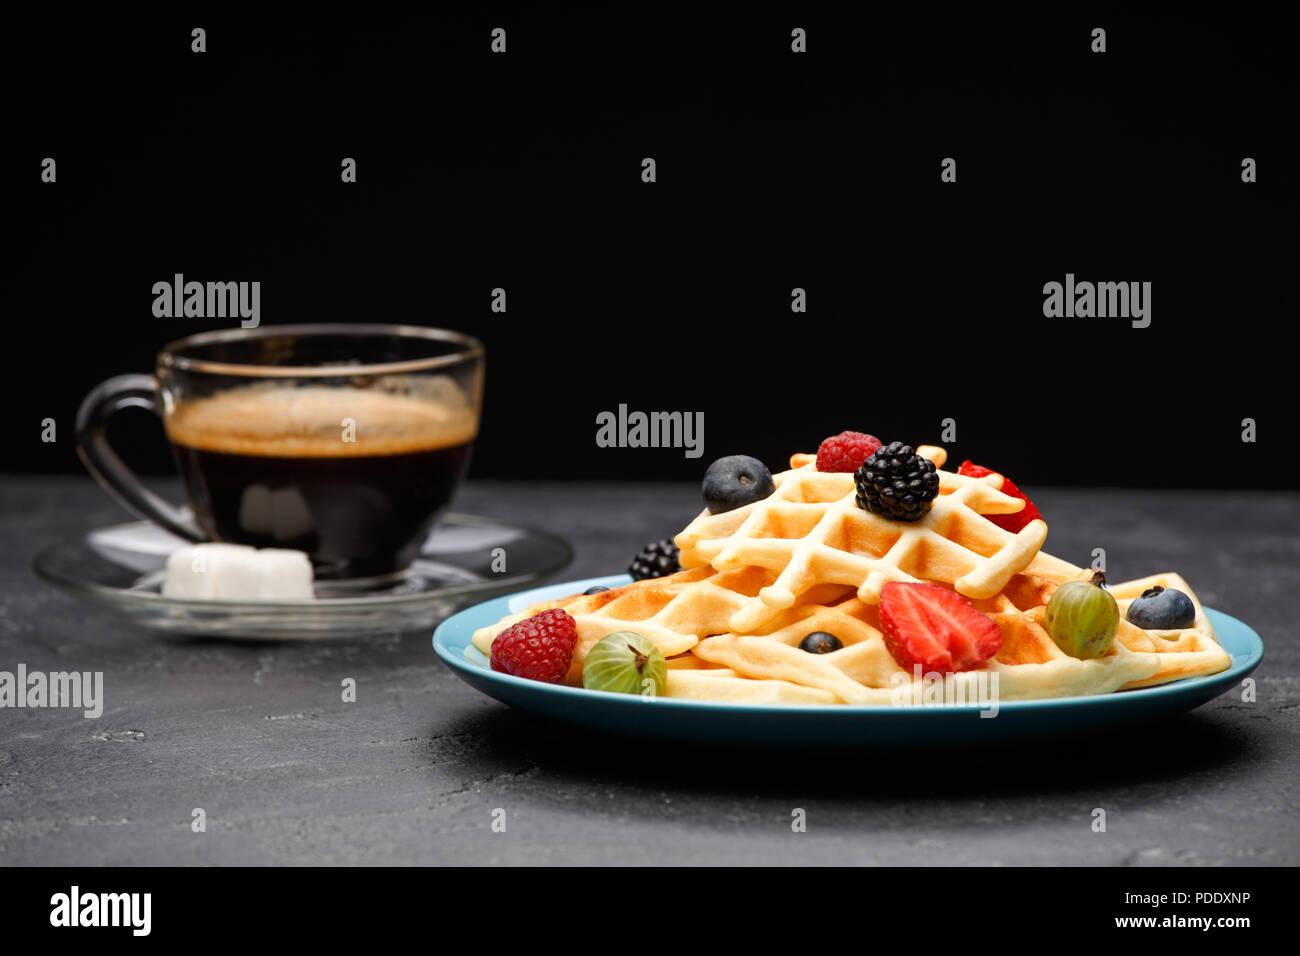 Foto della tazza di caffè con zucchero con cialde Viennese con fragole e lamponi Immagini Stock